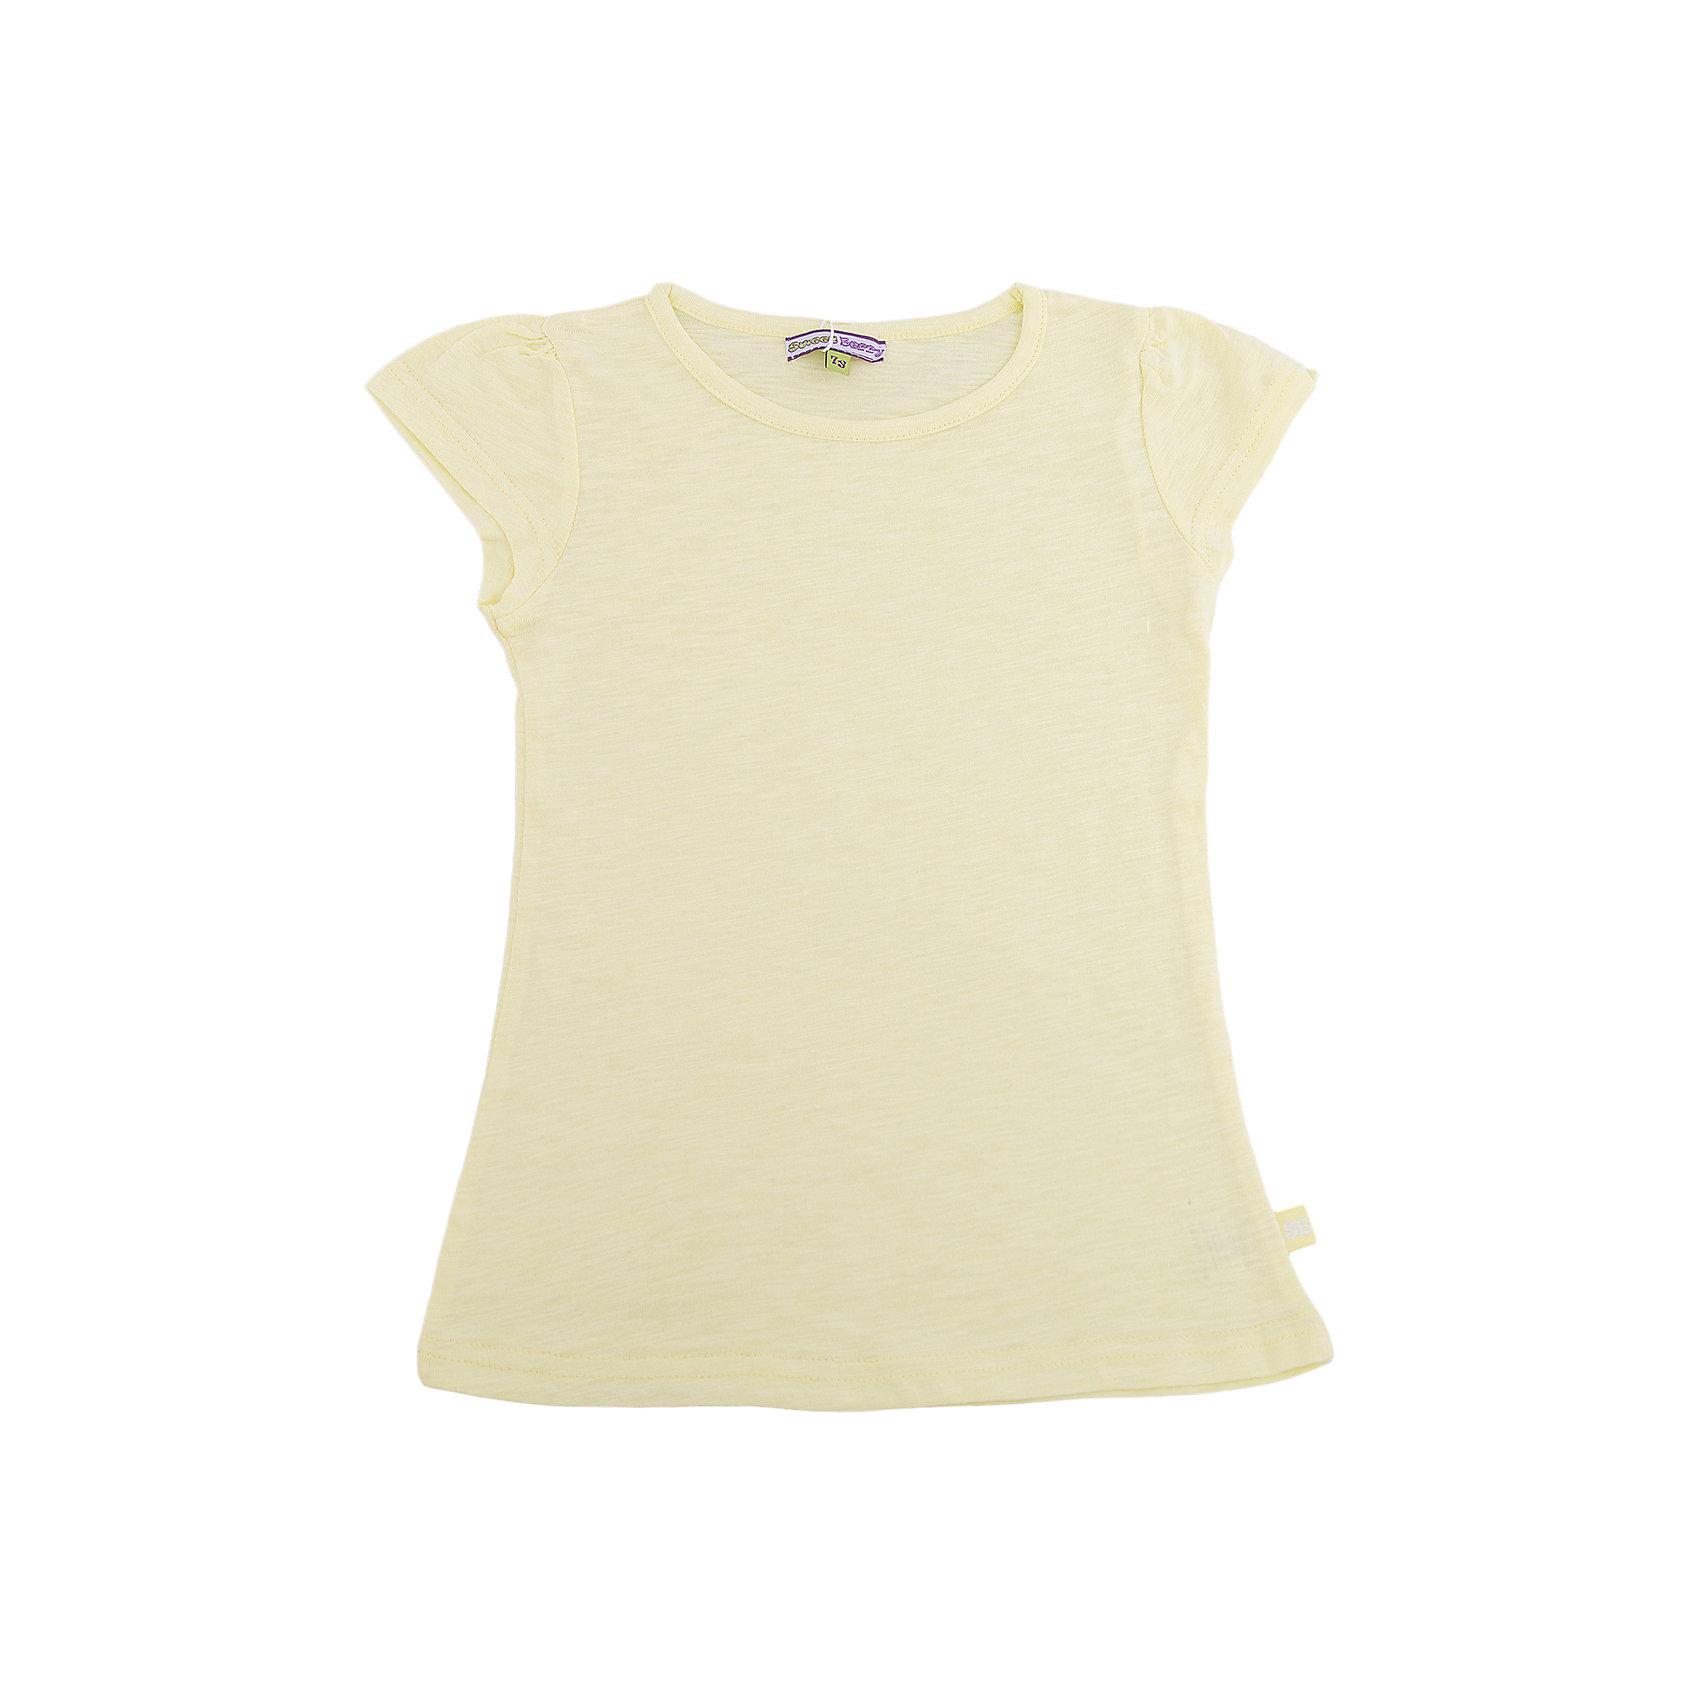 Футболка для девочки Sweet BerryФутболки, поло и топы<br>Базовая футболка из эластичного трикотажа. Футболка приталенного силуэта.<br>Состав:<br>100% хлопок<br><br>Ширина мм: 199<br>Глубина мм: 10<br>Высота мм: 161<br>Вес г: 151<br>Цвет: желтый<br>Возраст от месяцев: 60<br>Возраст до месяцев: 72<br>Пол: Женский<br>Возраст: Детский<br>Размер: 98,128,110,104,122,116<br>SKU: 4521488